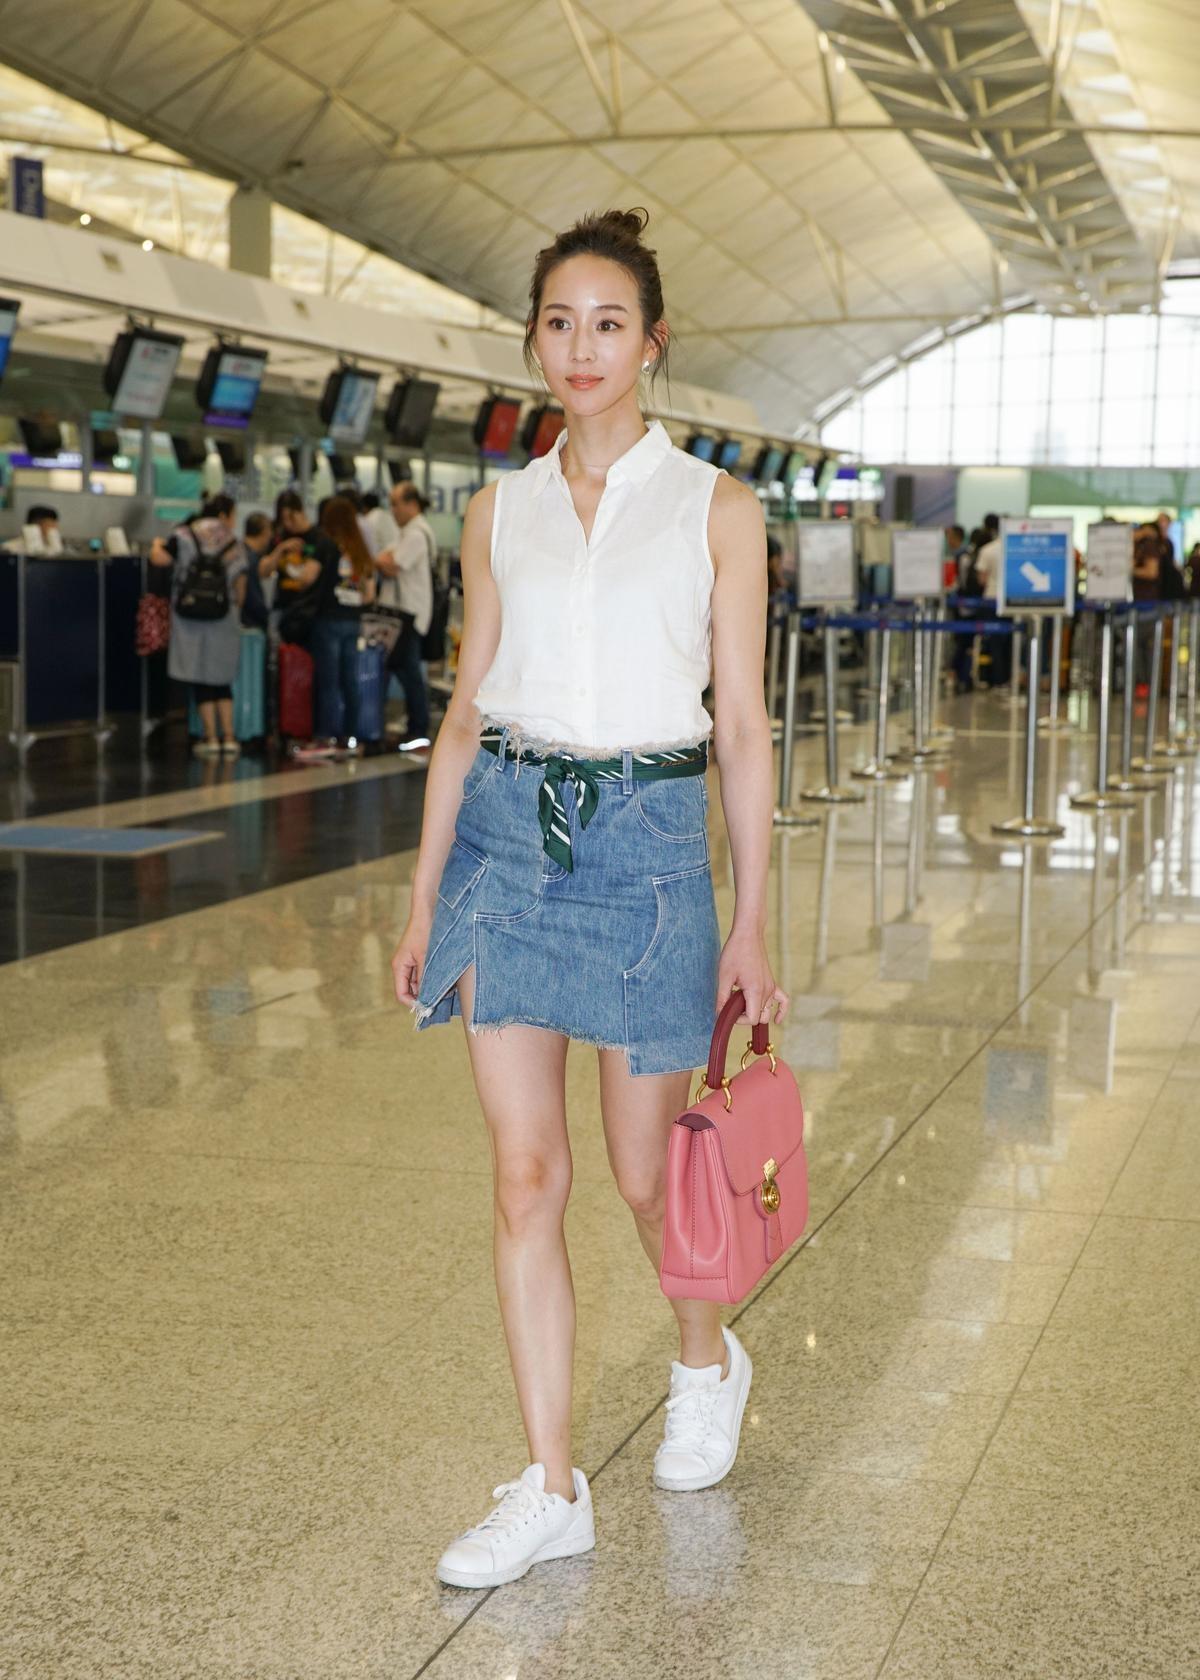 張鈞甯超輕便的機場穿搭look,牛仔裙搭配少女心的粉色The DK88,盡顯好氣色。